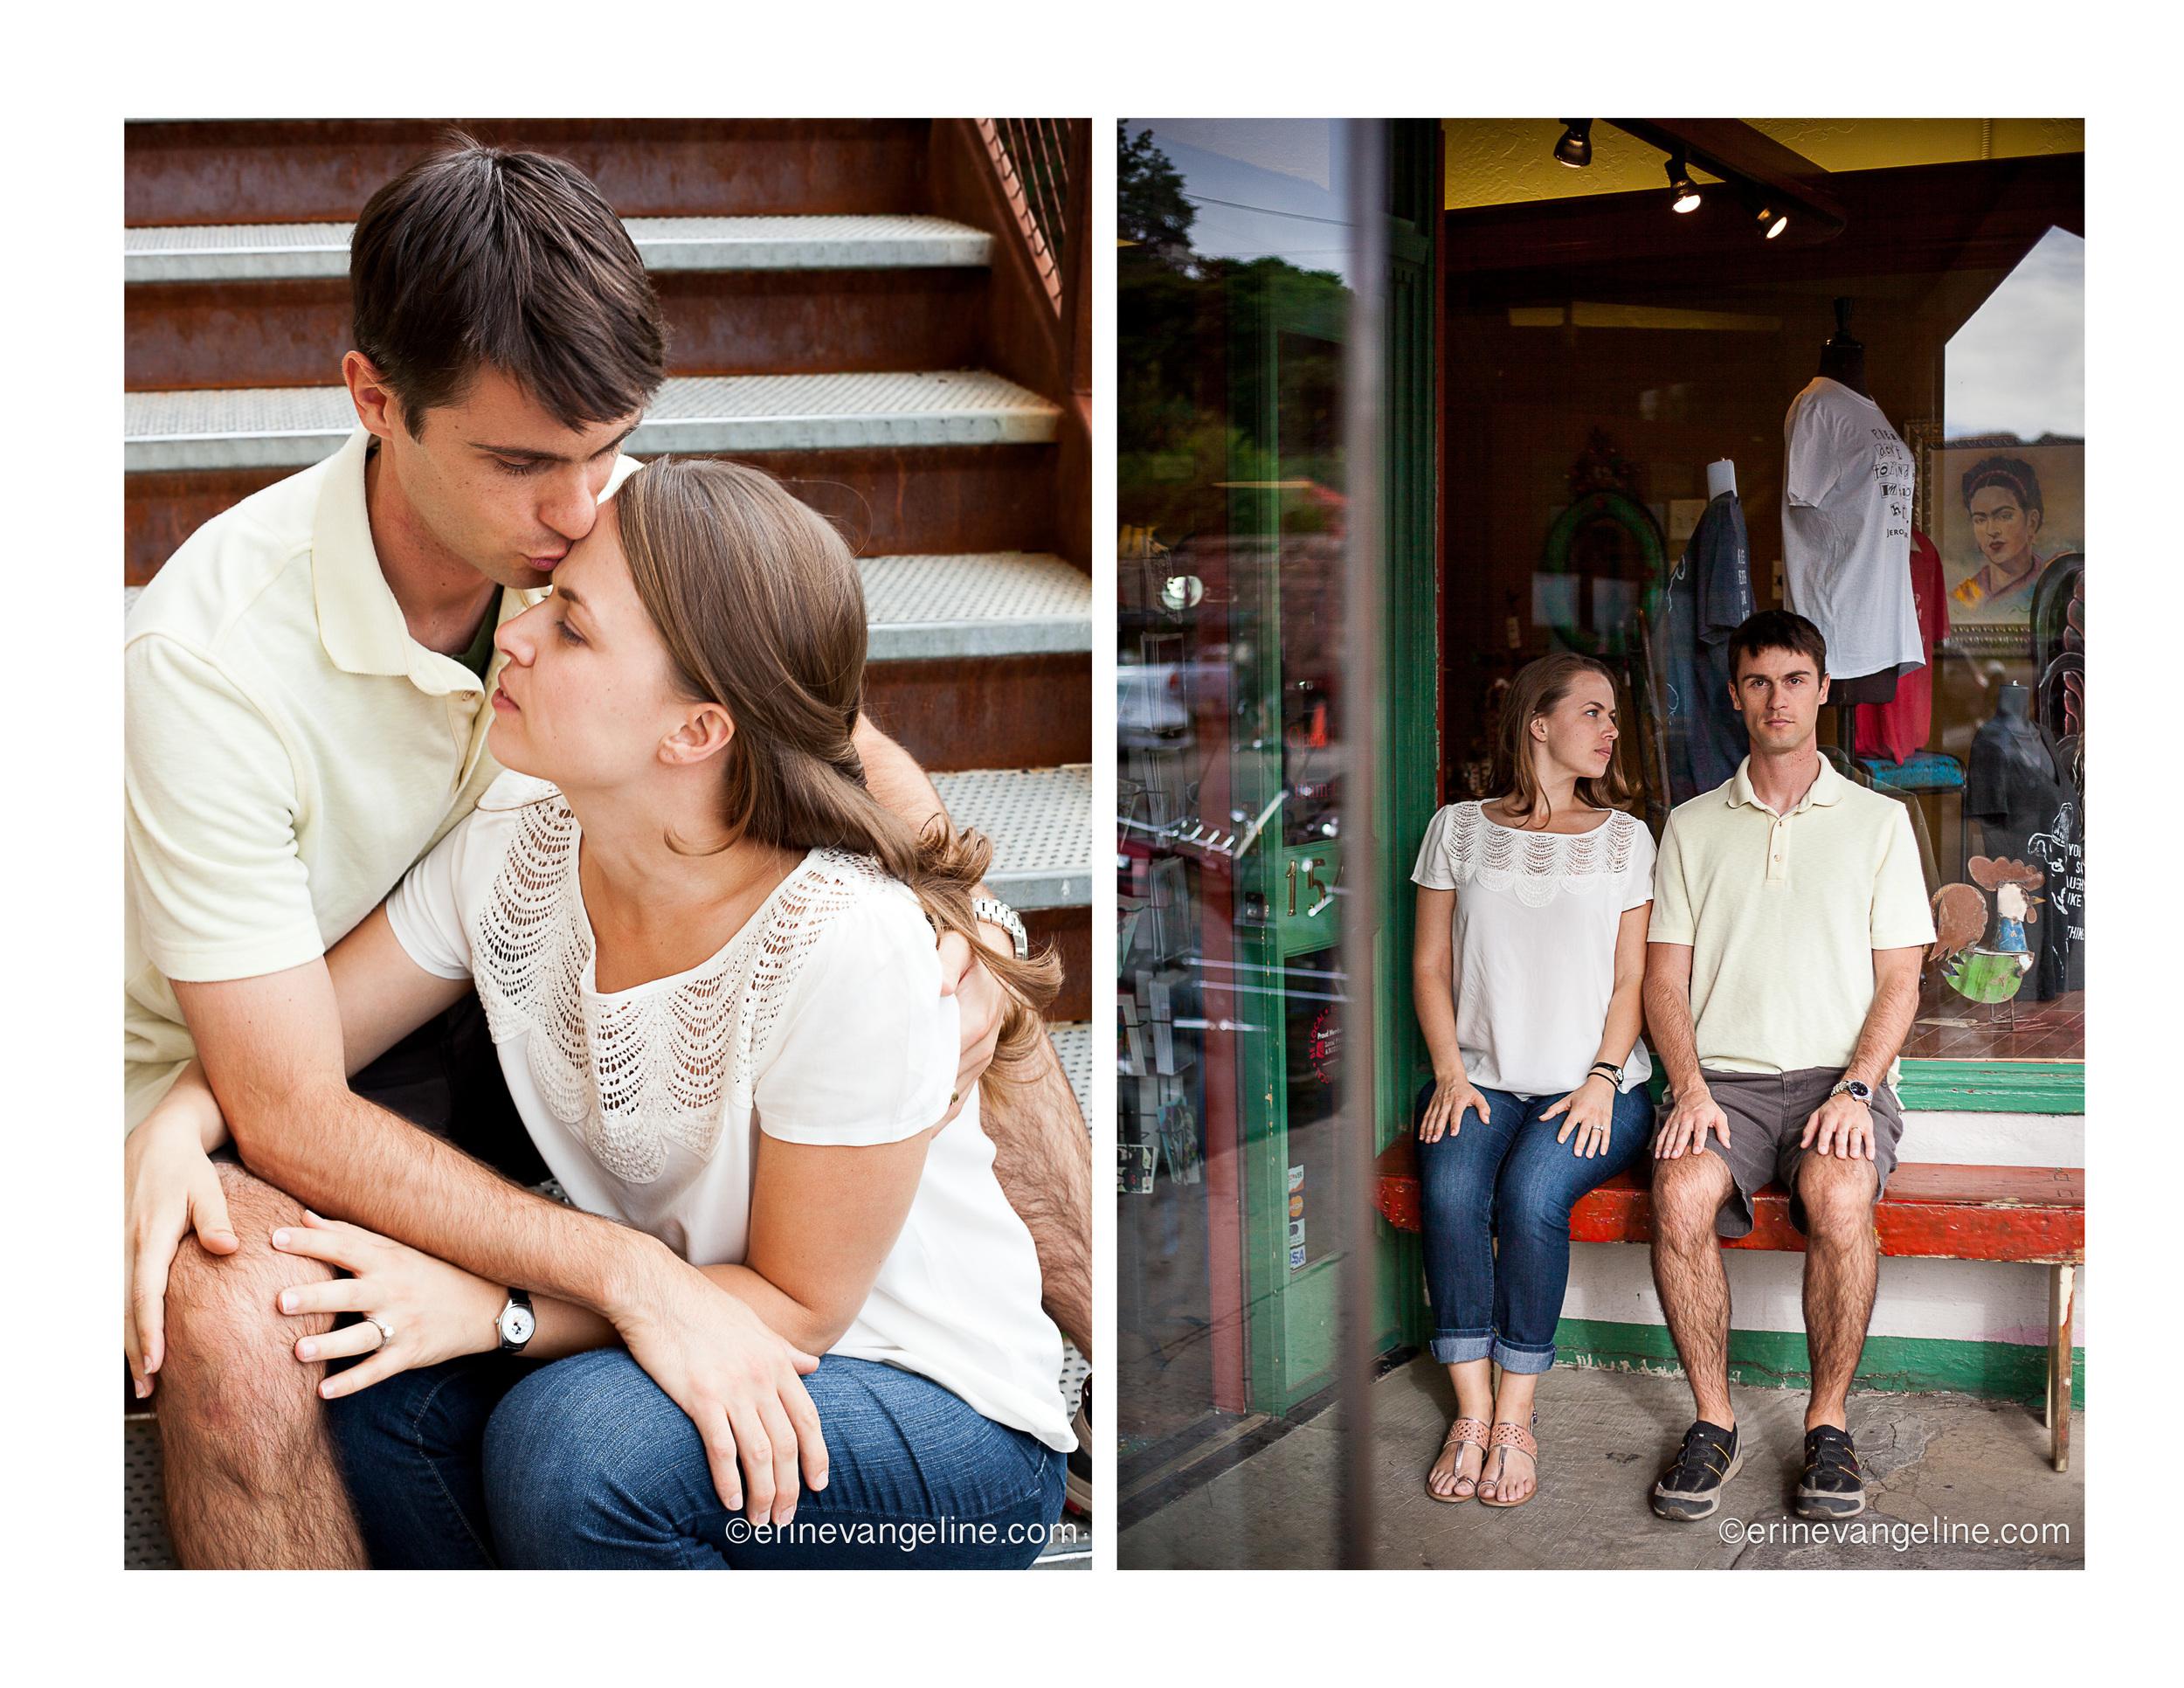 Erin evangeline Photography Engagement Photography Jerome Arizona